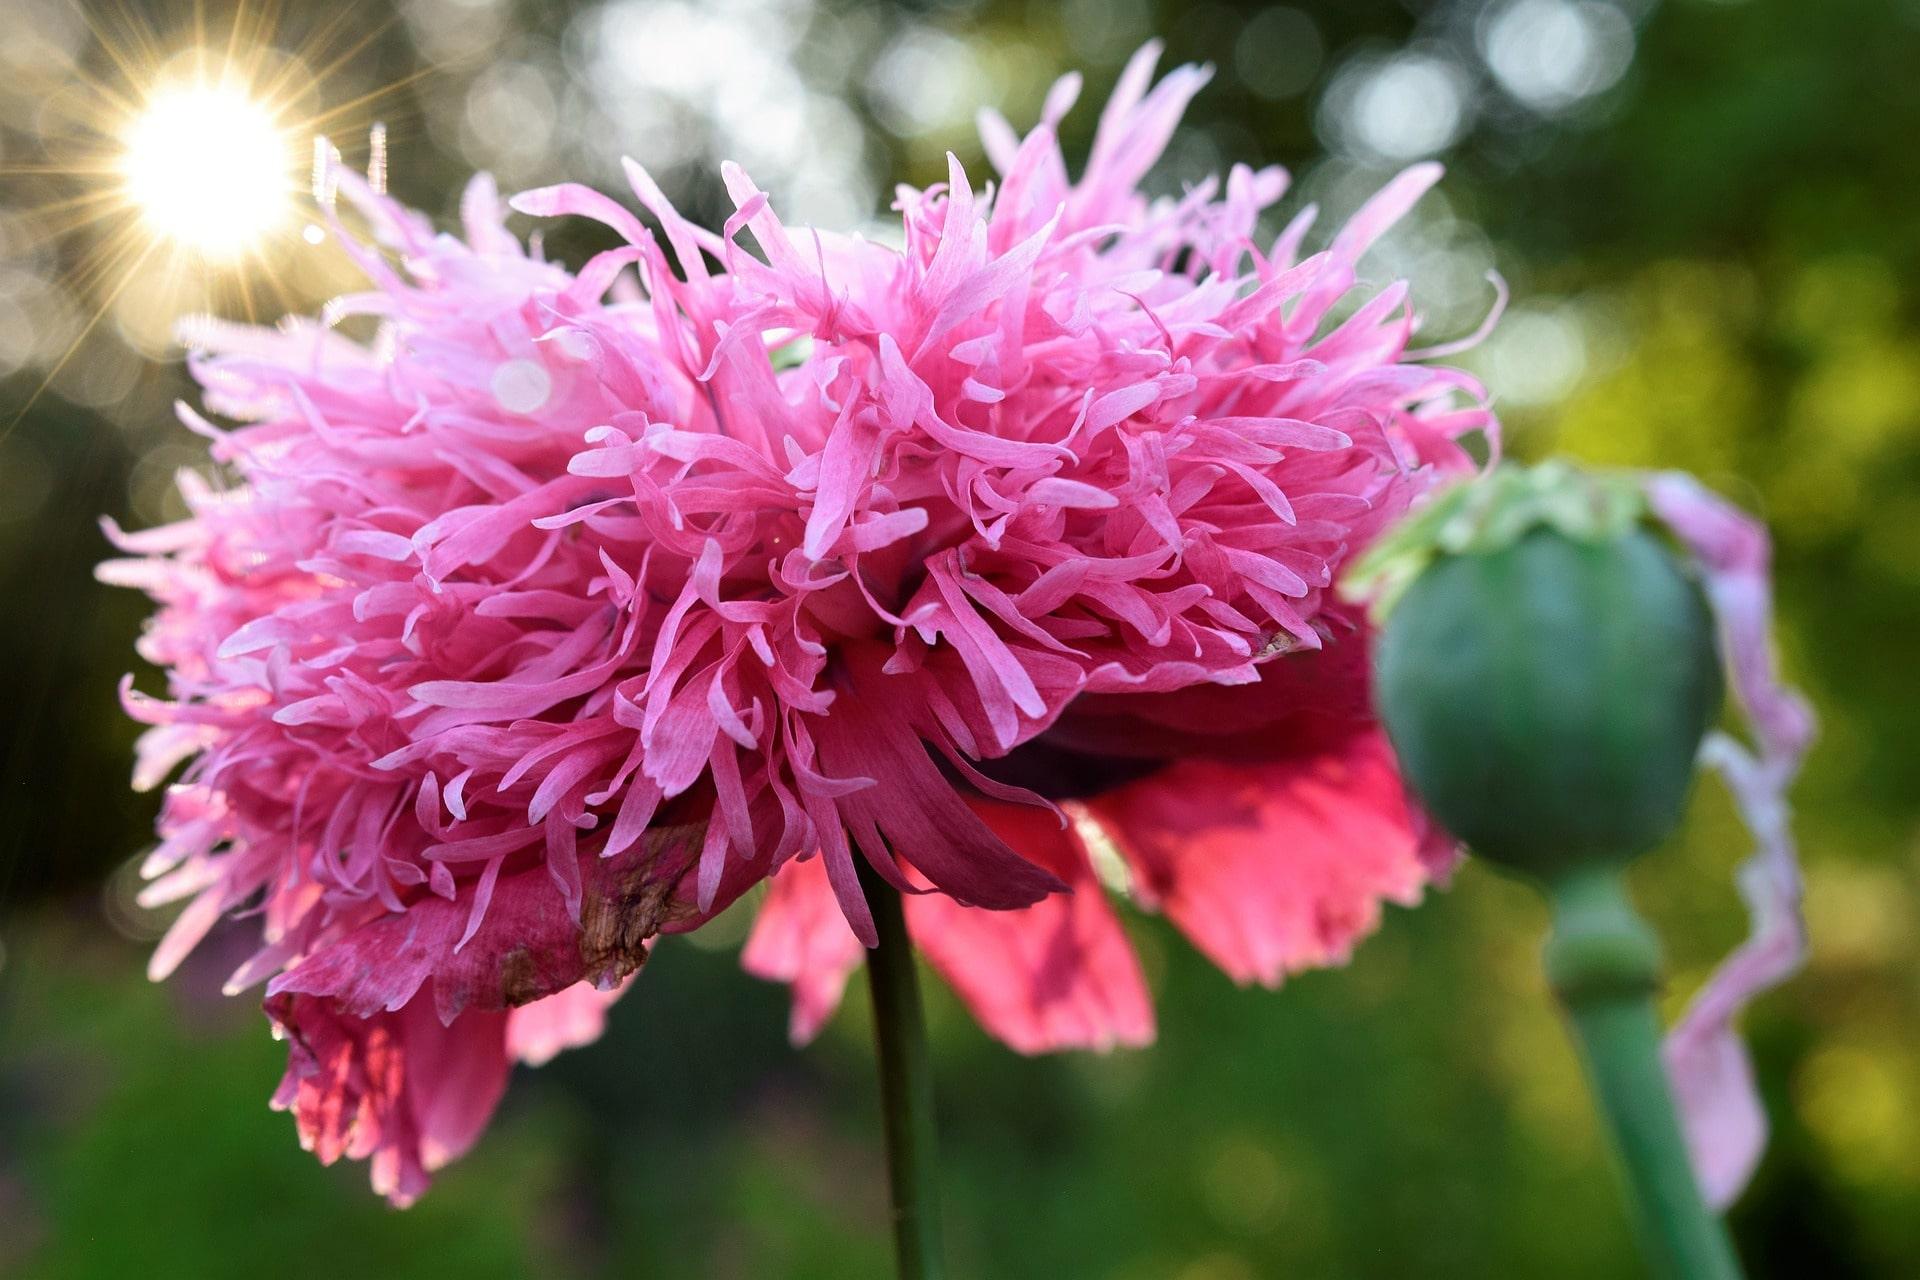 fleur rose huile essentielle aromatherapie